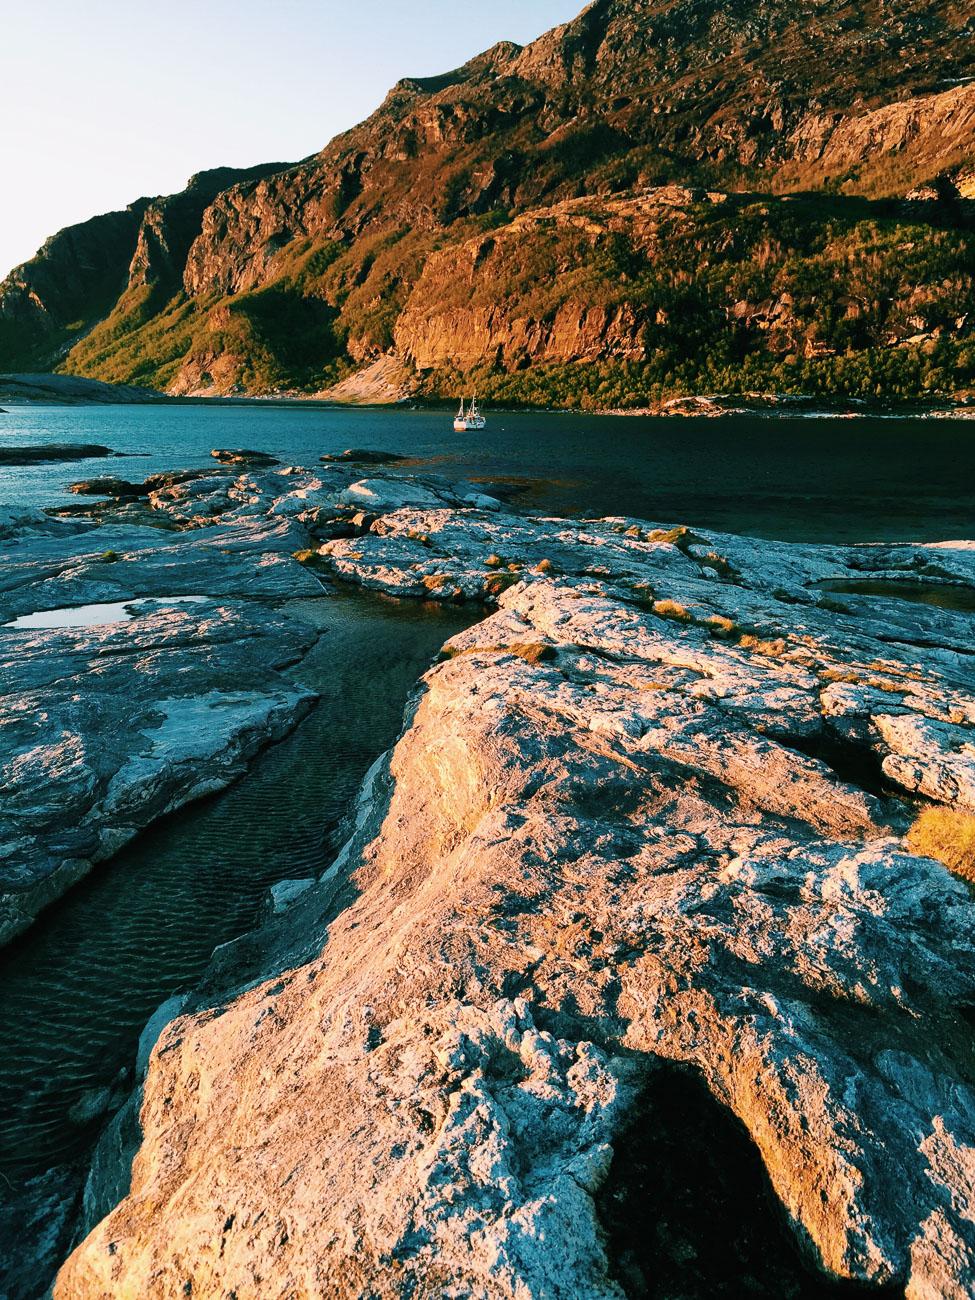 Nordland 10:58 pm - Noruega - JESUS RODRIGUEZ, FOTOGRAFIA DE NATURALEZA